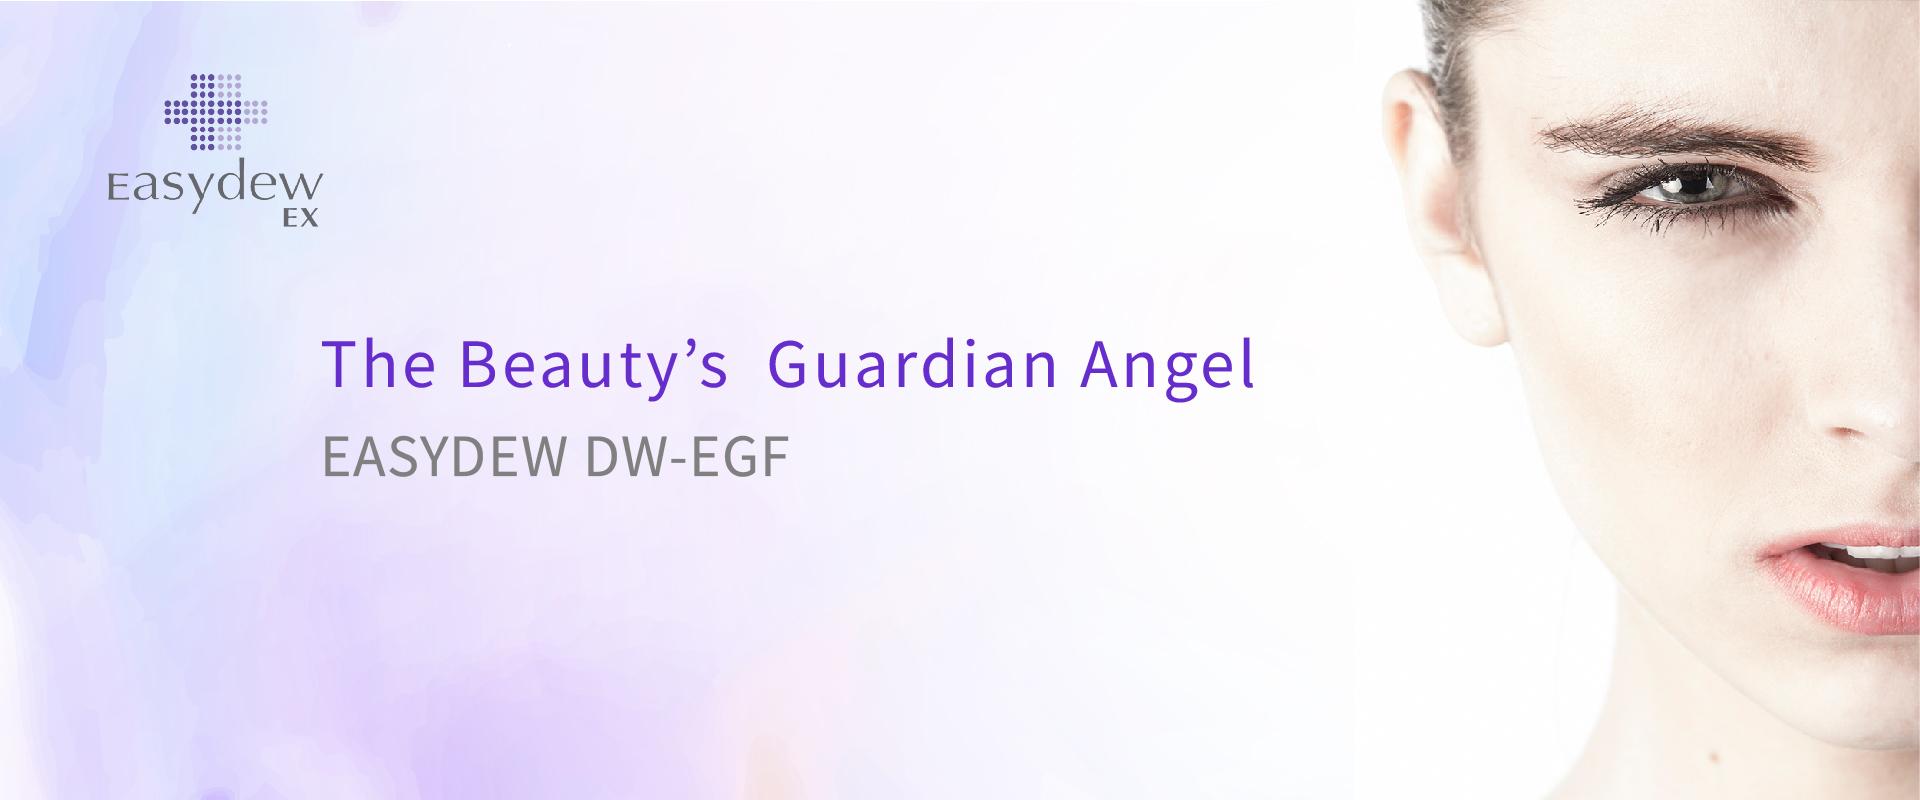 EASY DEW DW-EGF